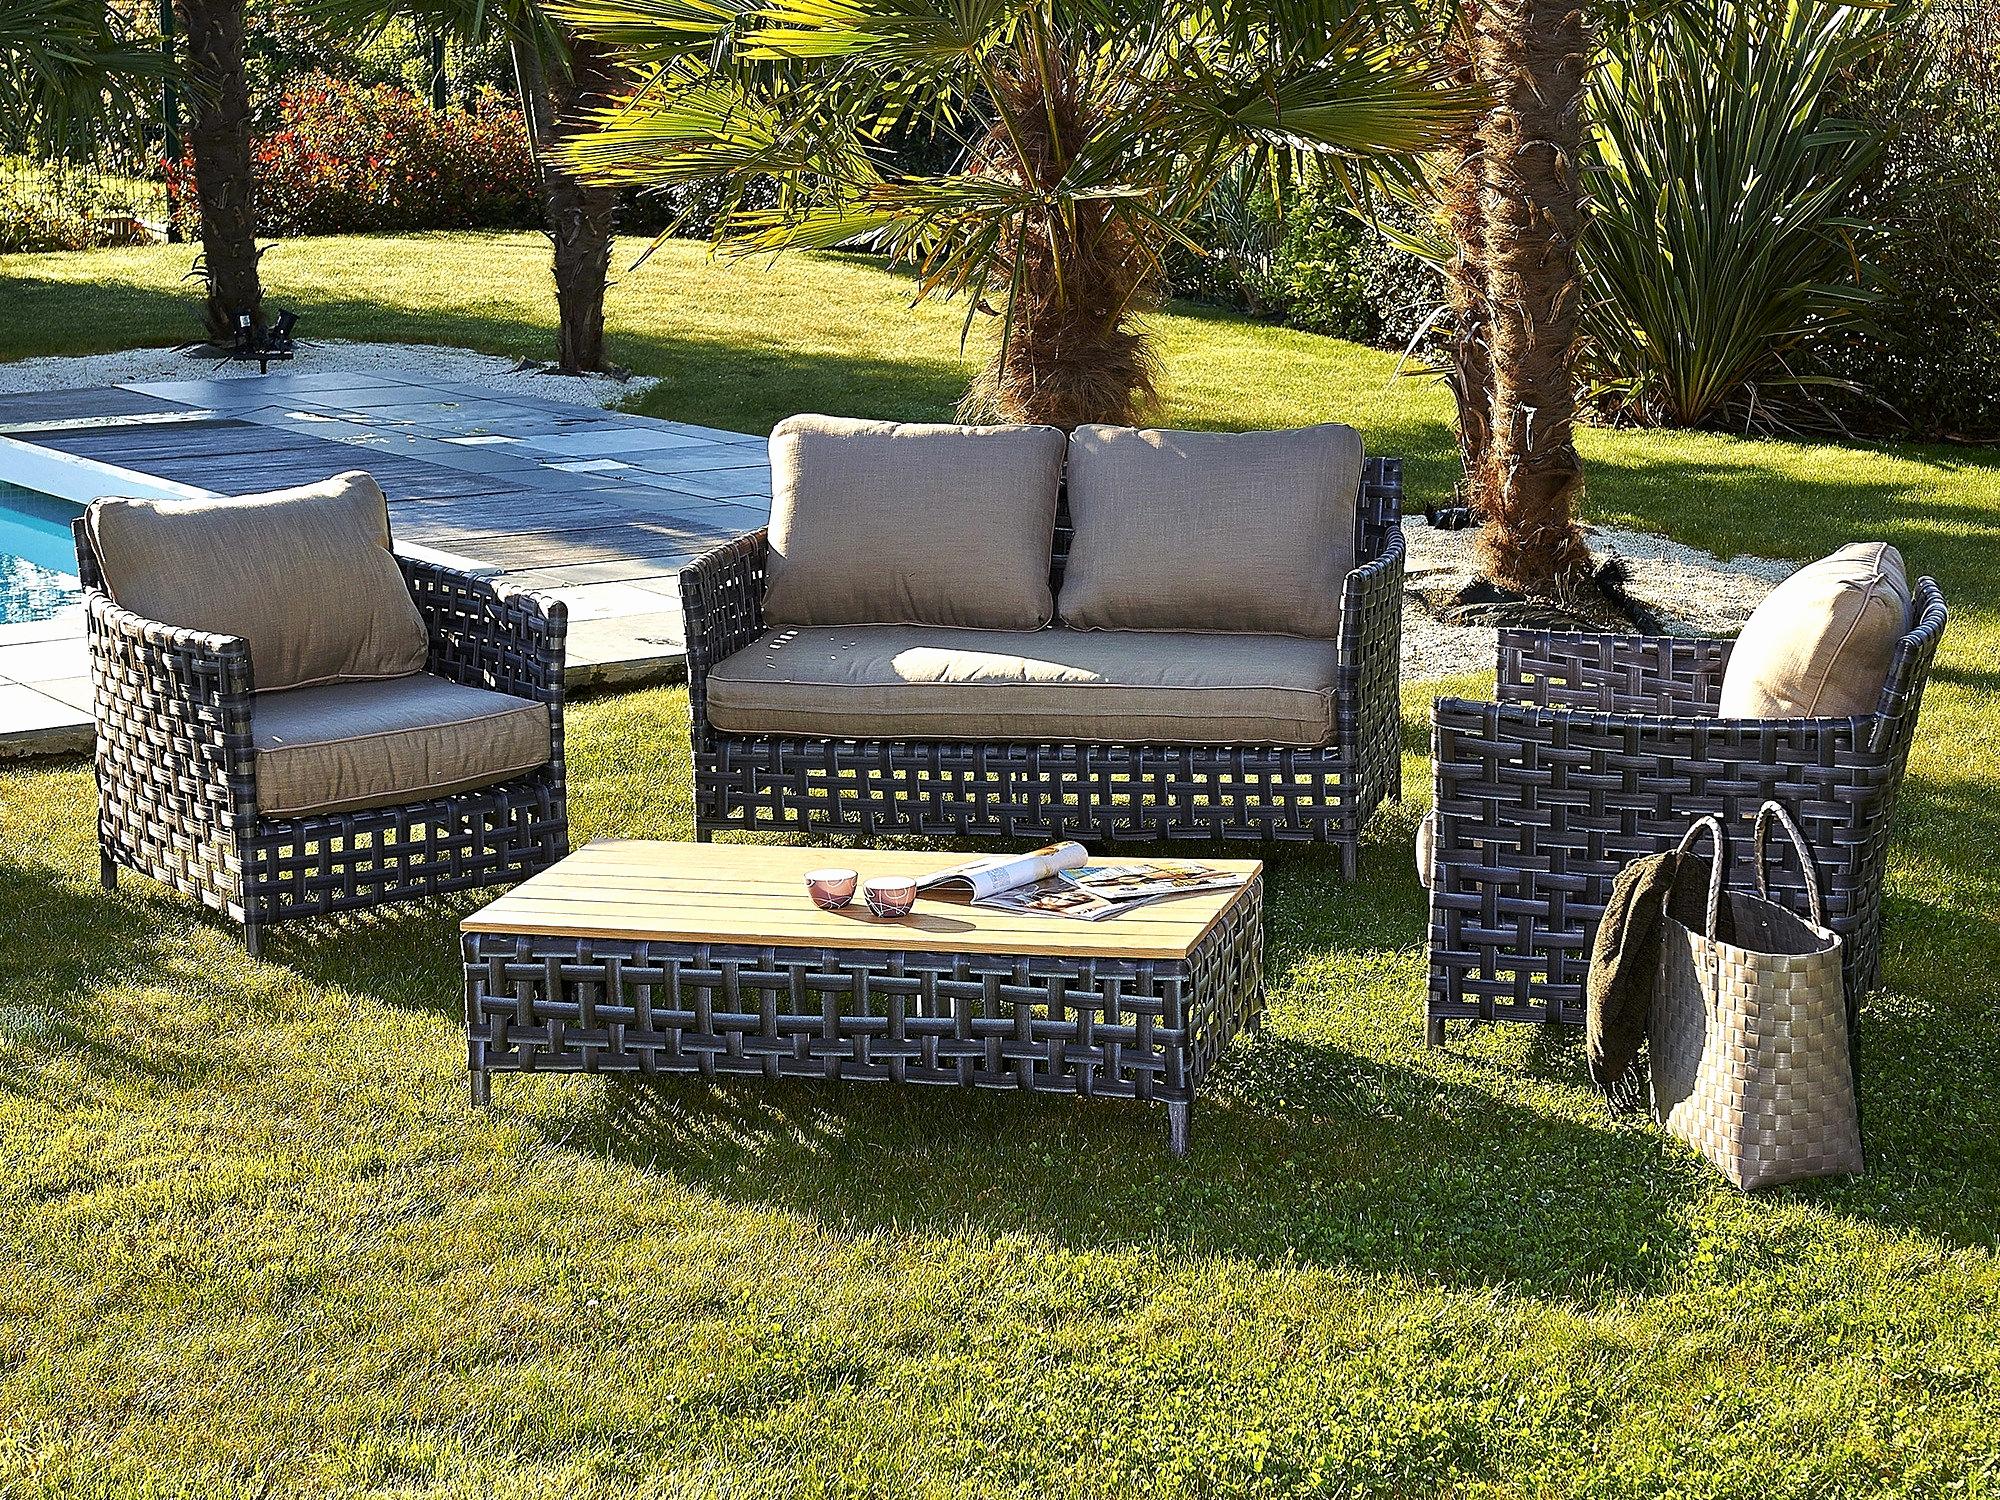 Fauteuil Relax Design Haut De Gamme Impressionnant Stock 26 Unique De Fauteuil Relaxation Design